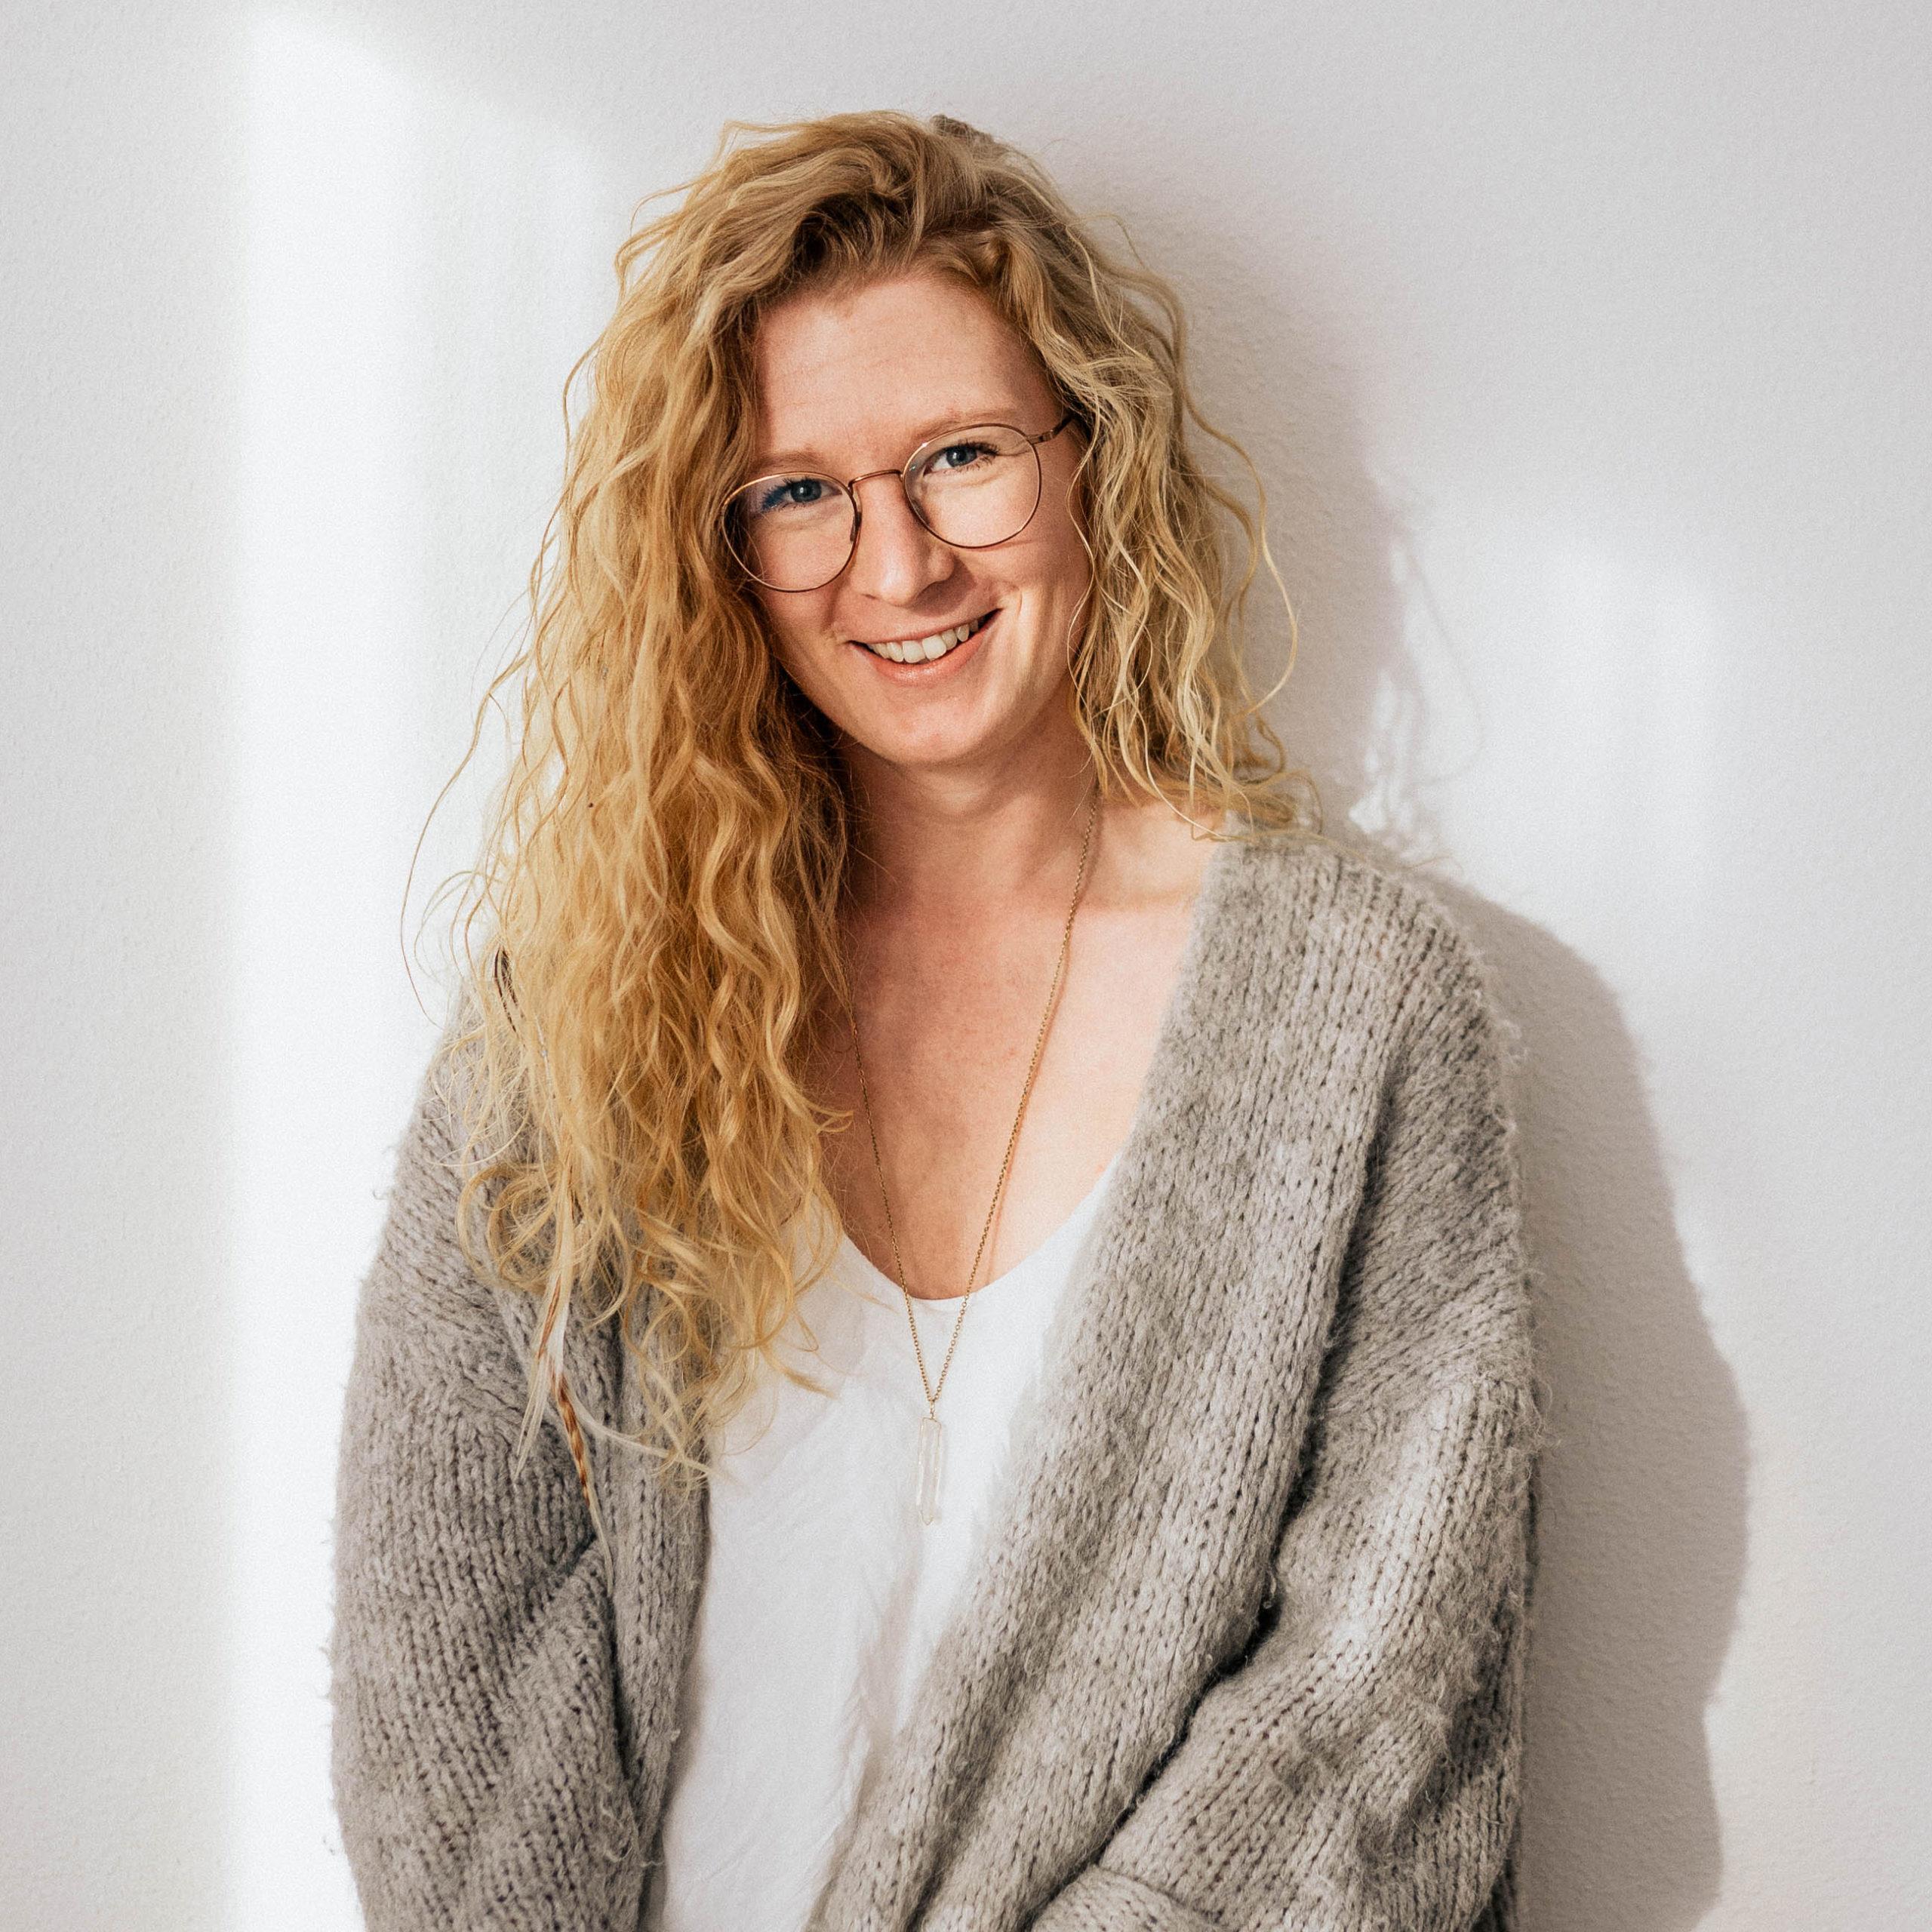 Verena Wittmann